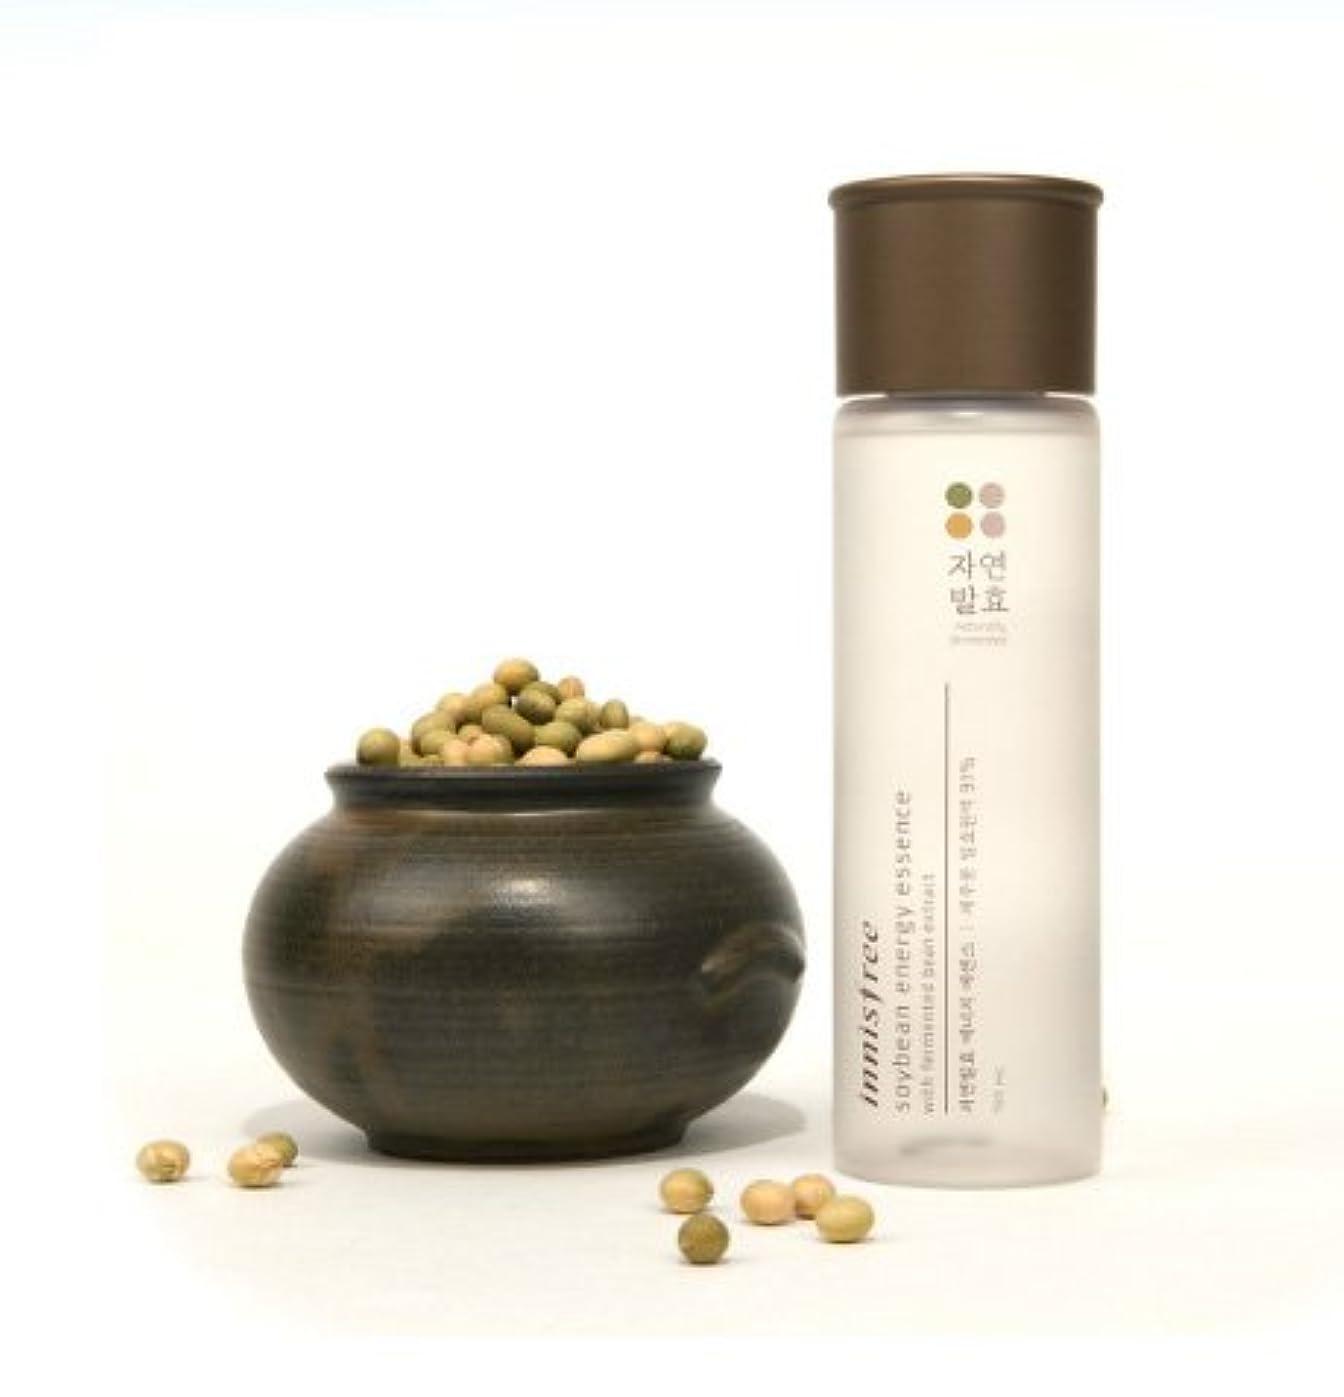 音声麦芽ビジョン(Innisfree イニスフリー) Soybean energy essence 自然発酵 エナジー エッセンス 美容液 肌のバリア機能を強化し、健やかでパワーあふれる肌へ導くトータルケアブースター美容液